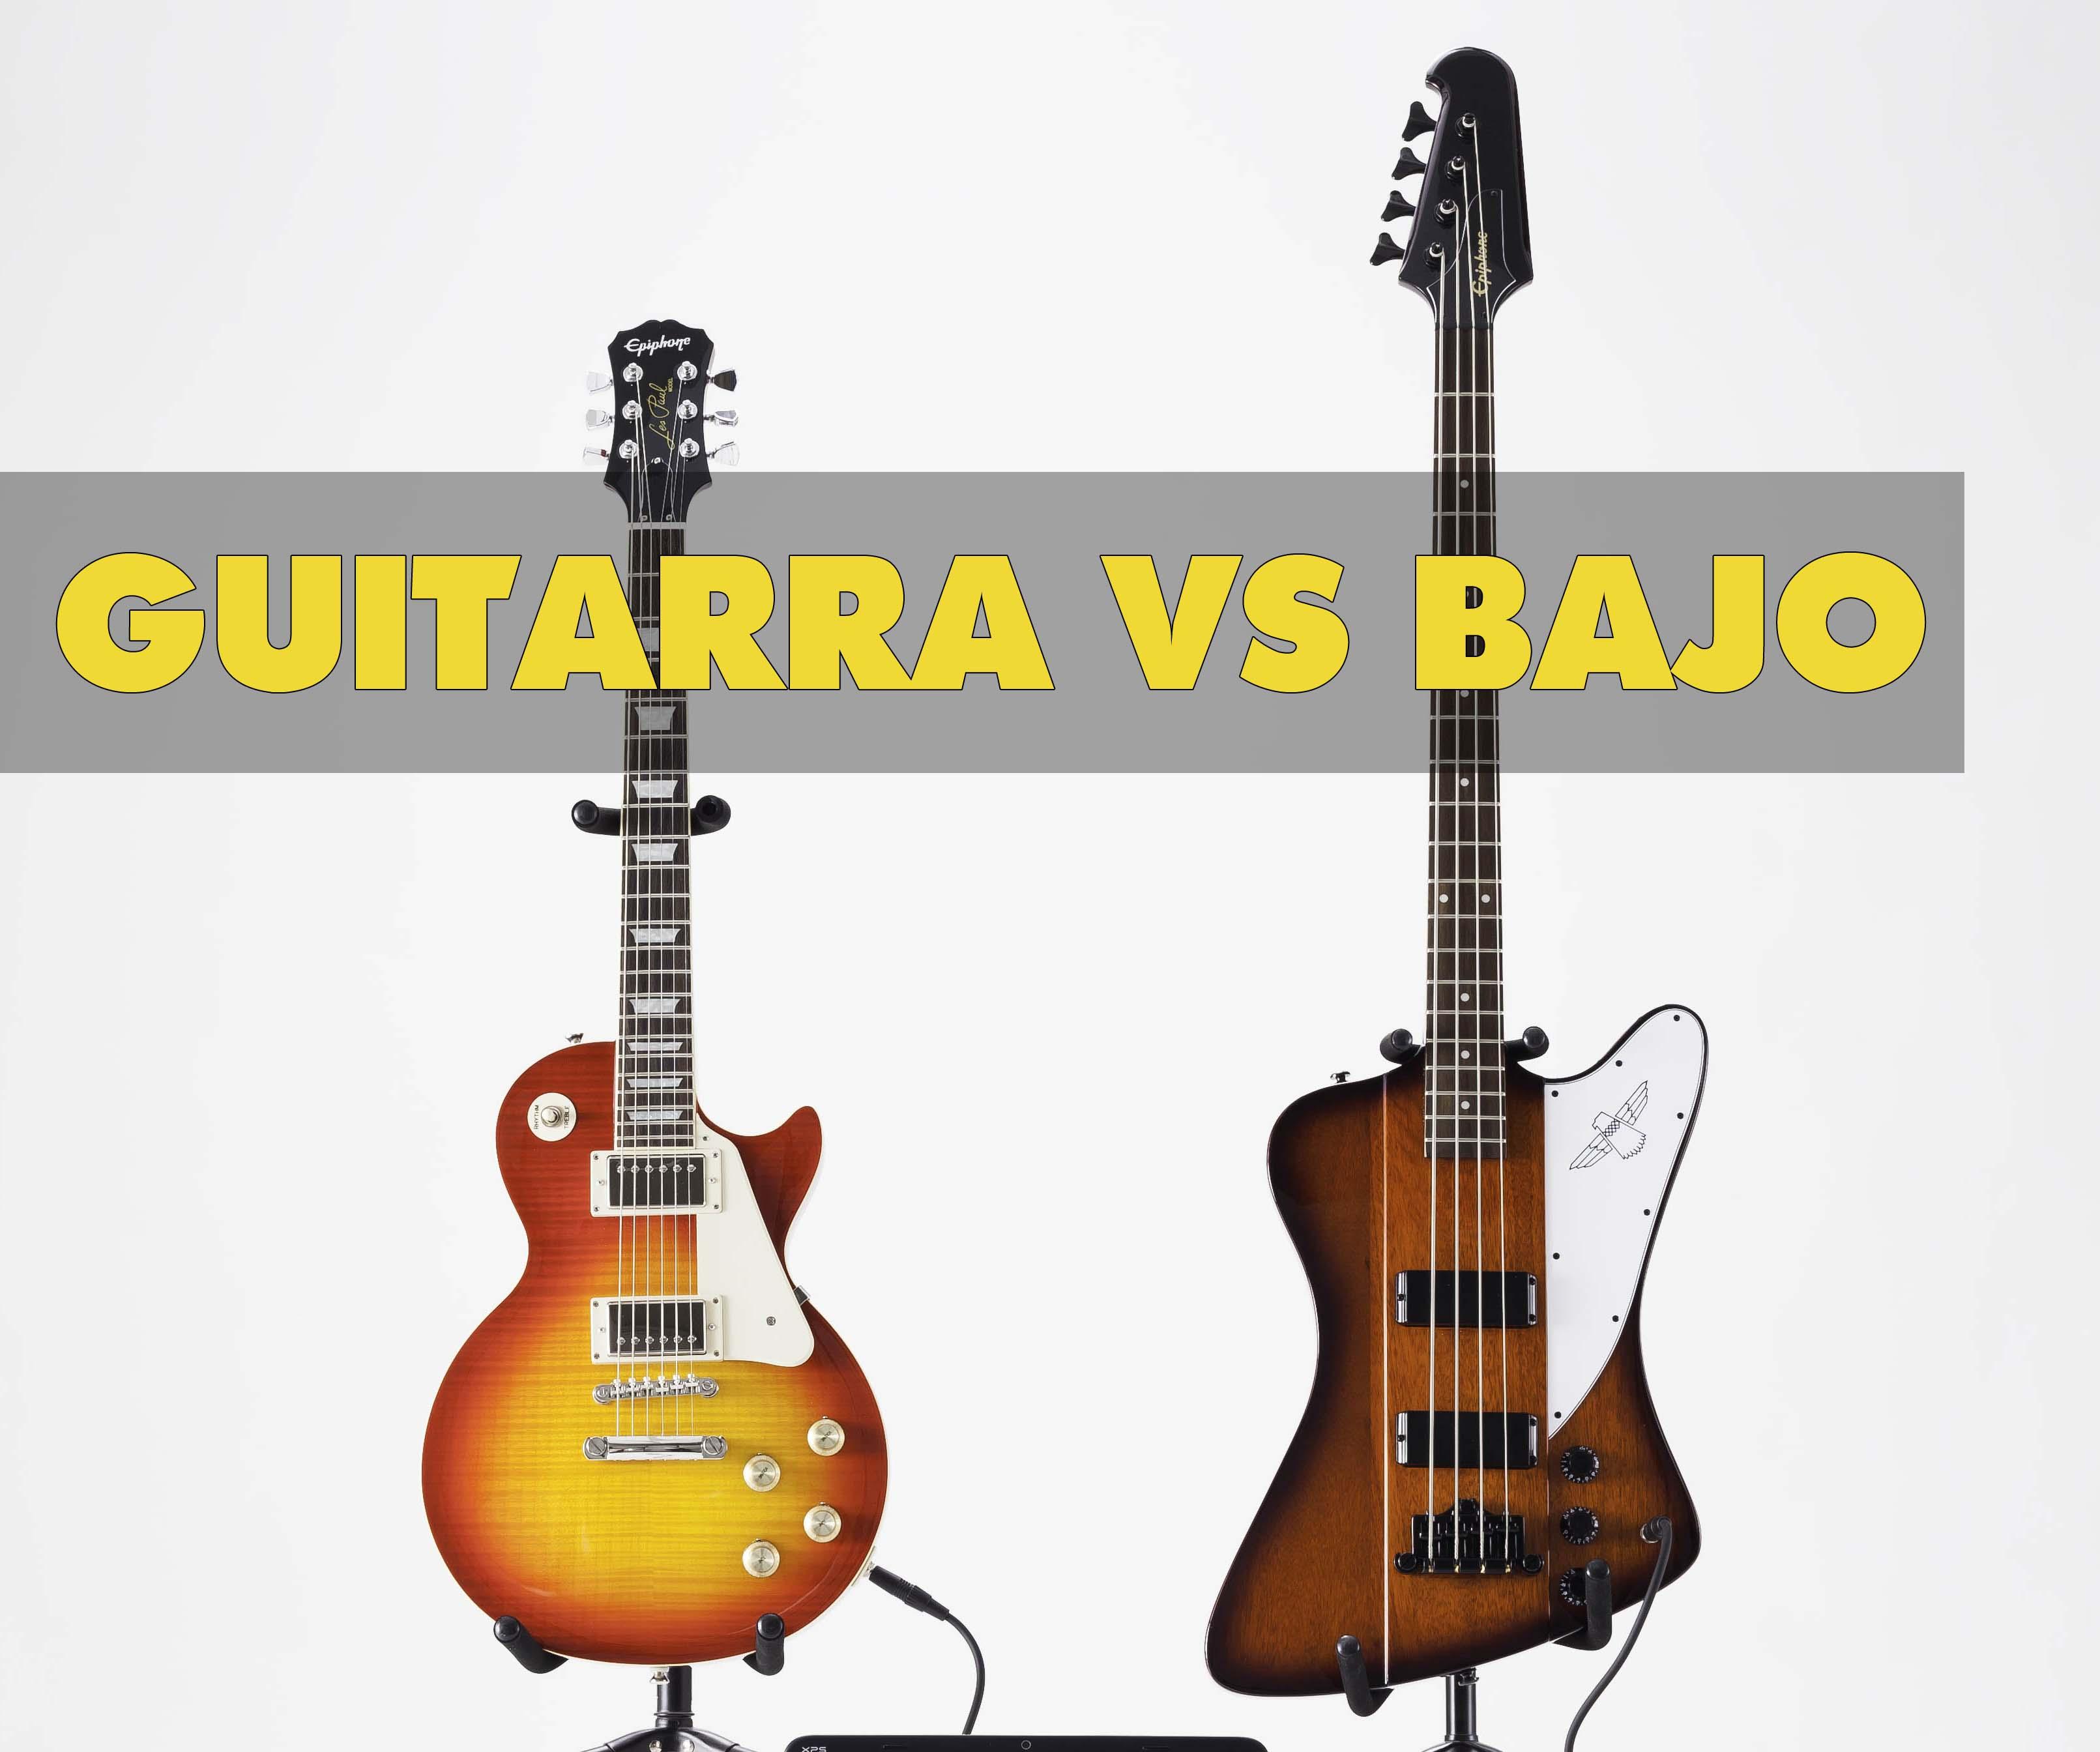 Guitarra o Bajo Diferencias y Cul es mejor para aprender a tocar